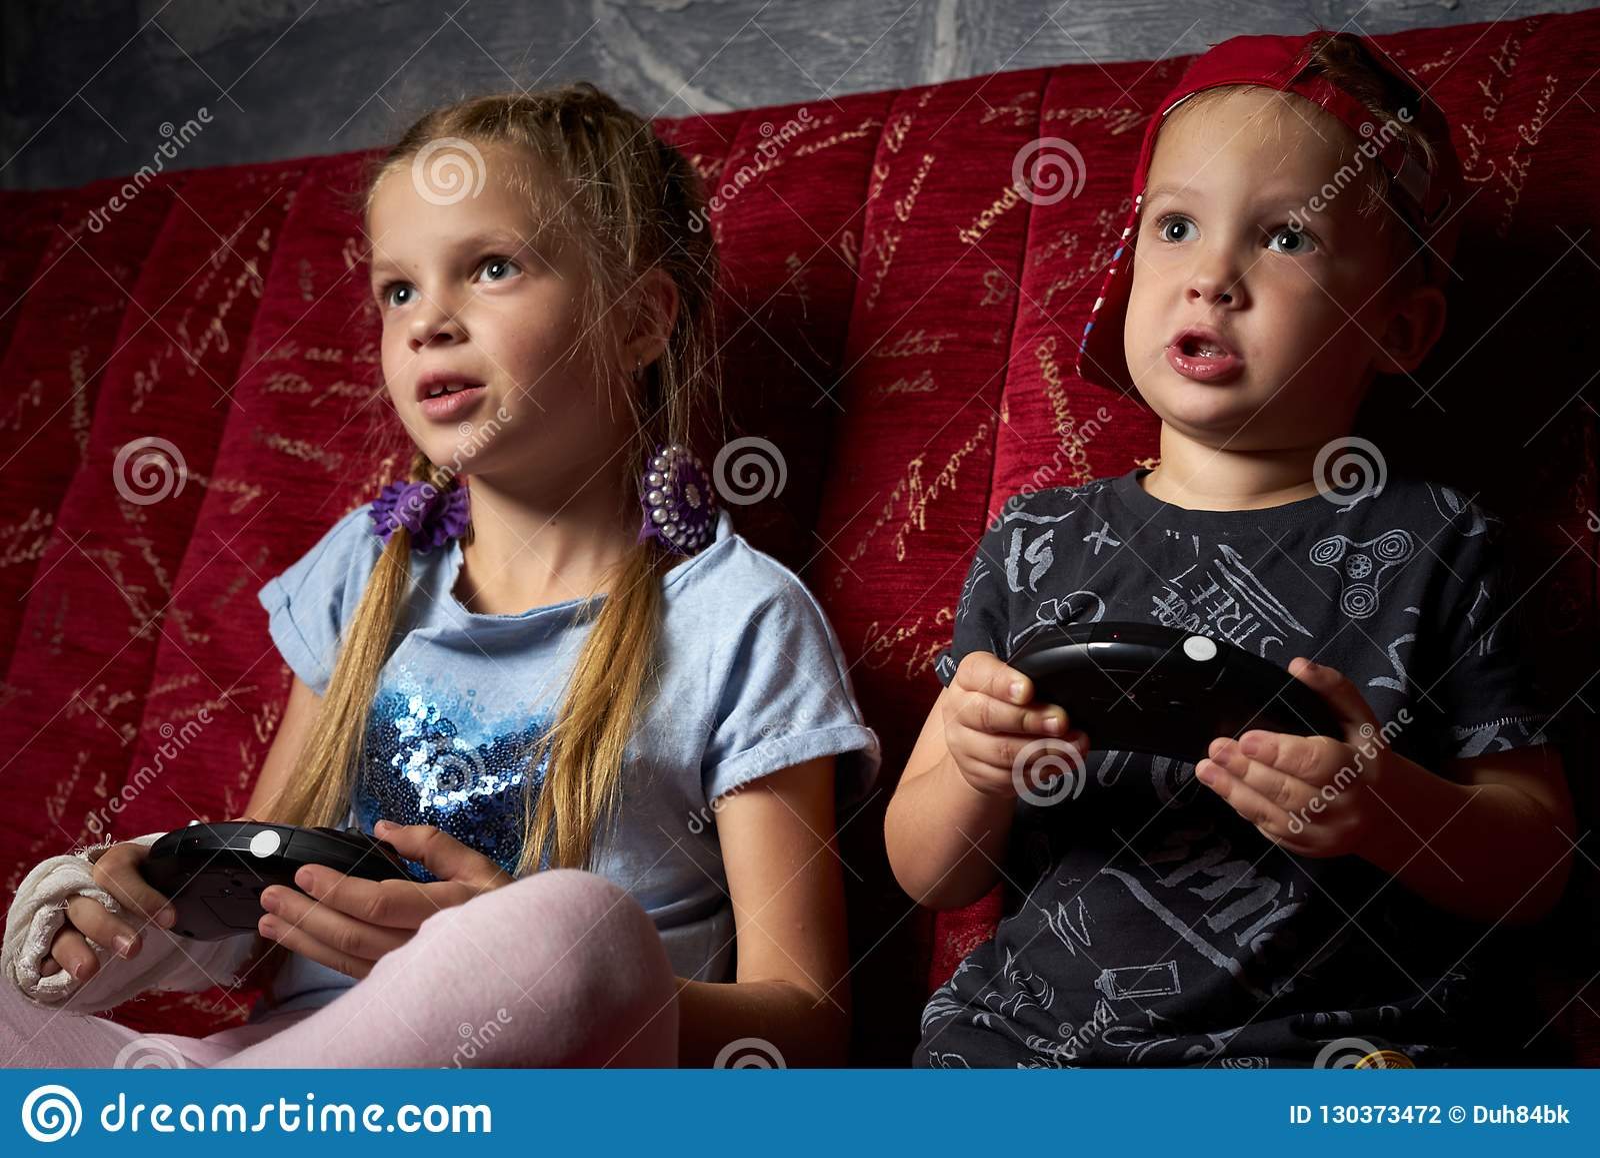 Juegos de ordenador: un muchacho y una muchacha juegan una videoconsola en la oscuridad y llevan a cabo gamepads en sus manos